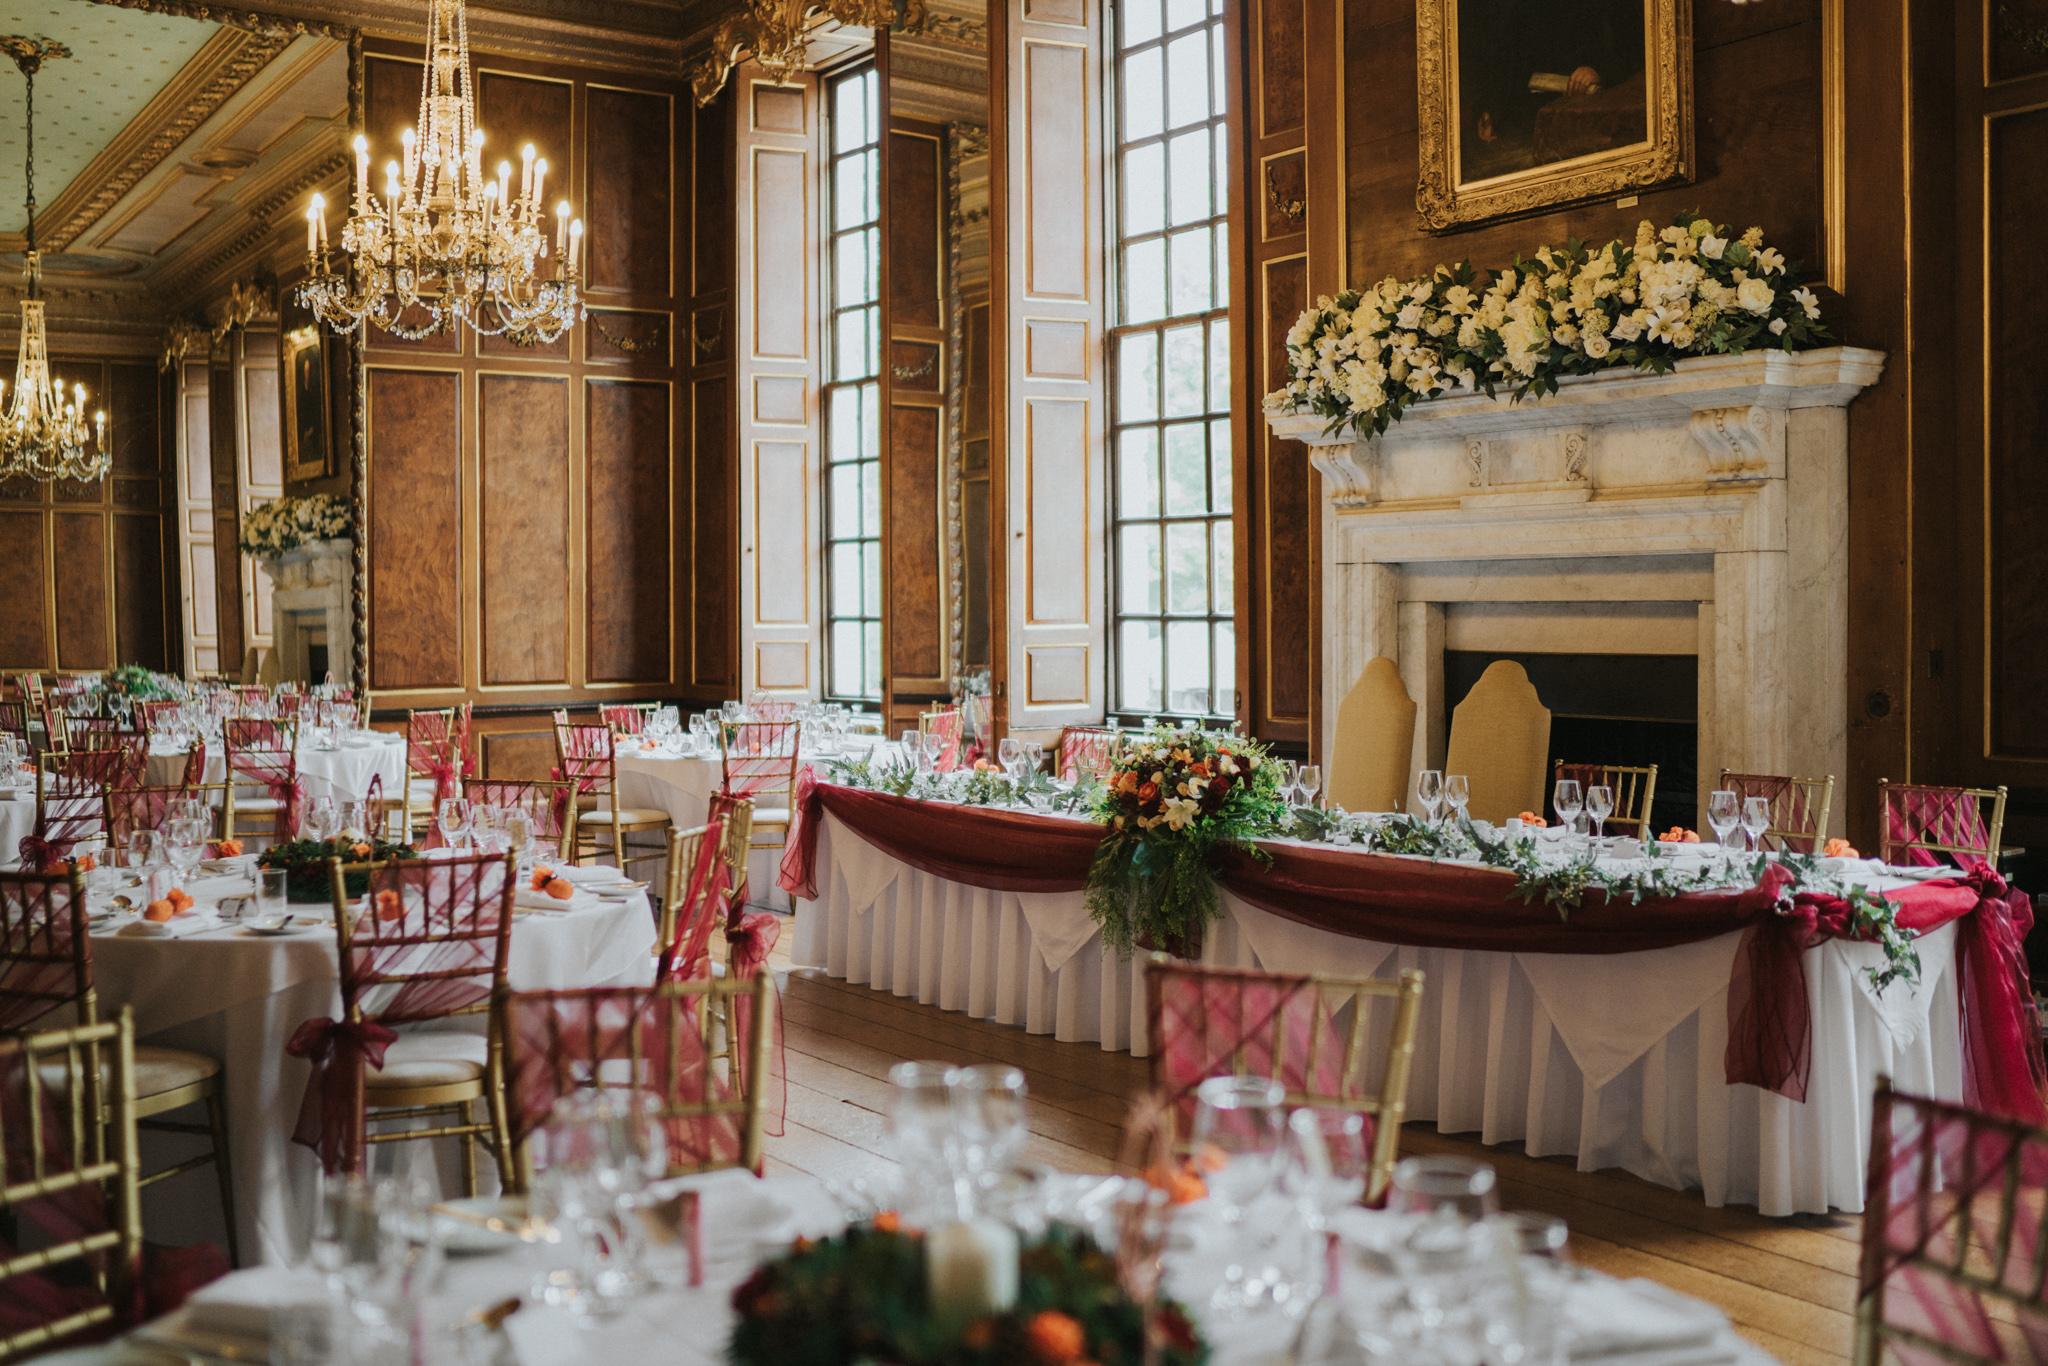 chara-neil-gosfield-hall-wedding-grace-elizabeth-colchester-essex-alternative-wedding-photographer-essex-devon-suffolk-norfolk (39 of 50).jpg